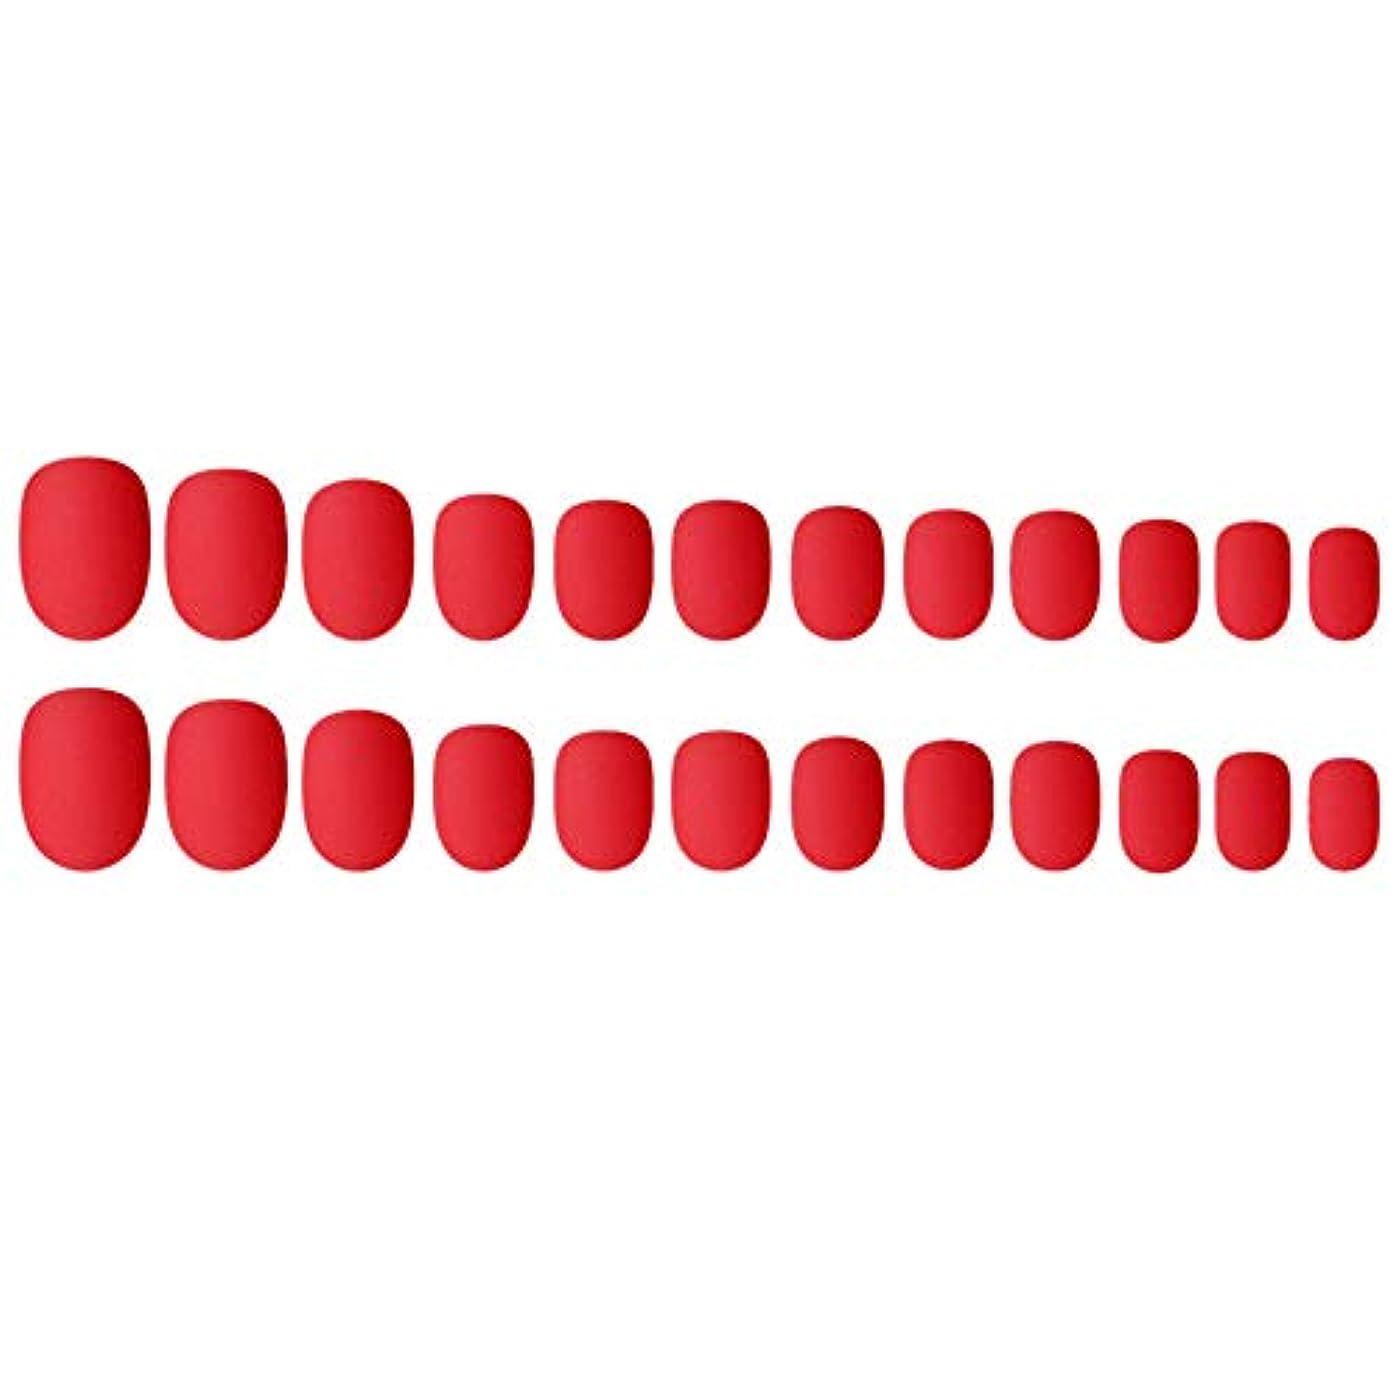 診断するどっち前投薬Decdeal ネイルチップ 24ピース 偽ネイルのヒント 12種類のサイズ ネイルサロン diy ネイルアートツール